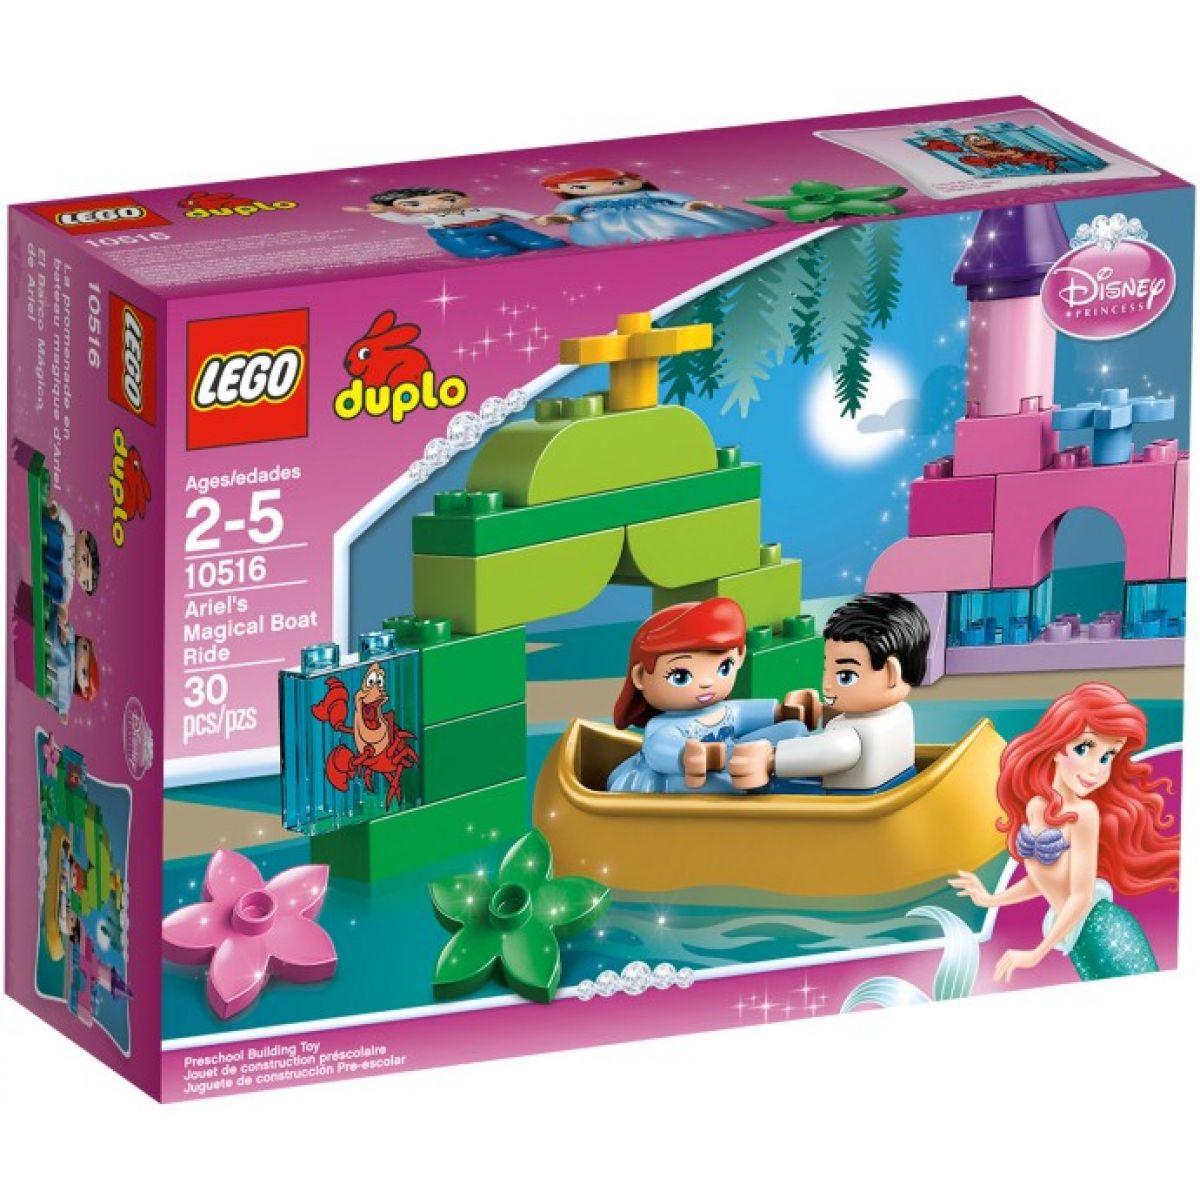 LEGO DUPLO Princezny 10516 - Ariel na výletě lodí